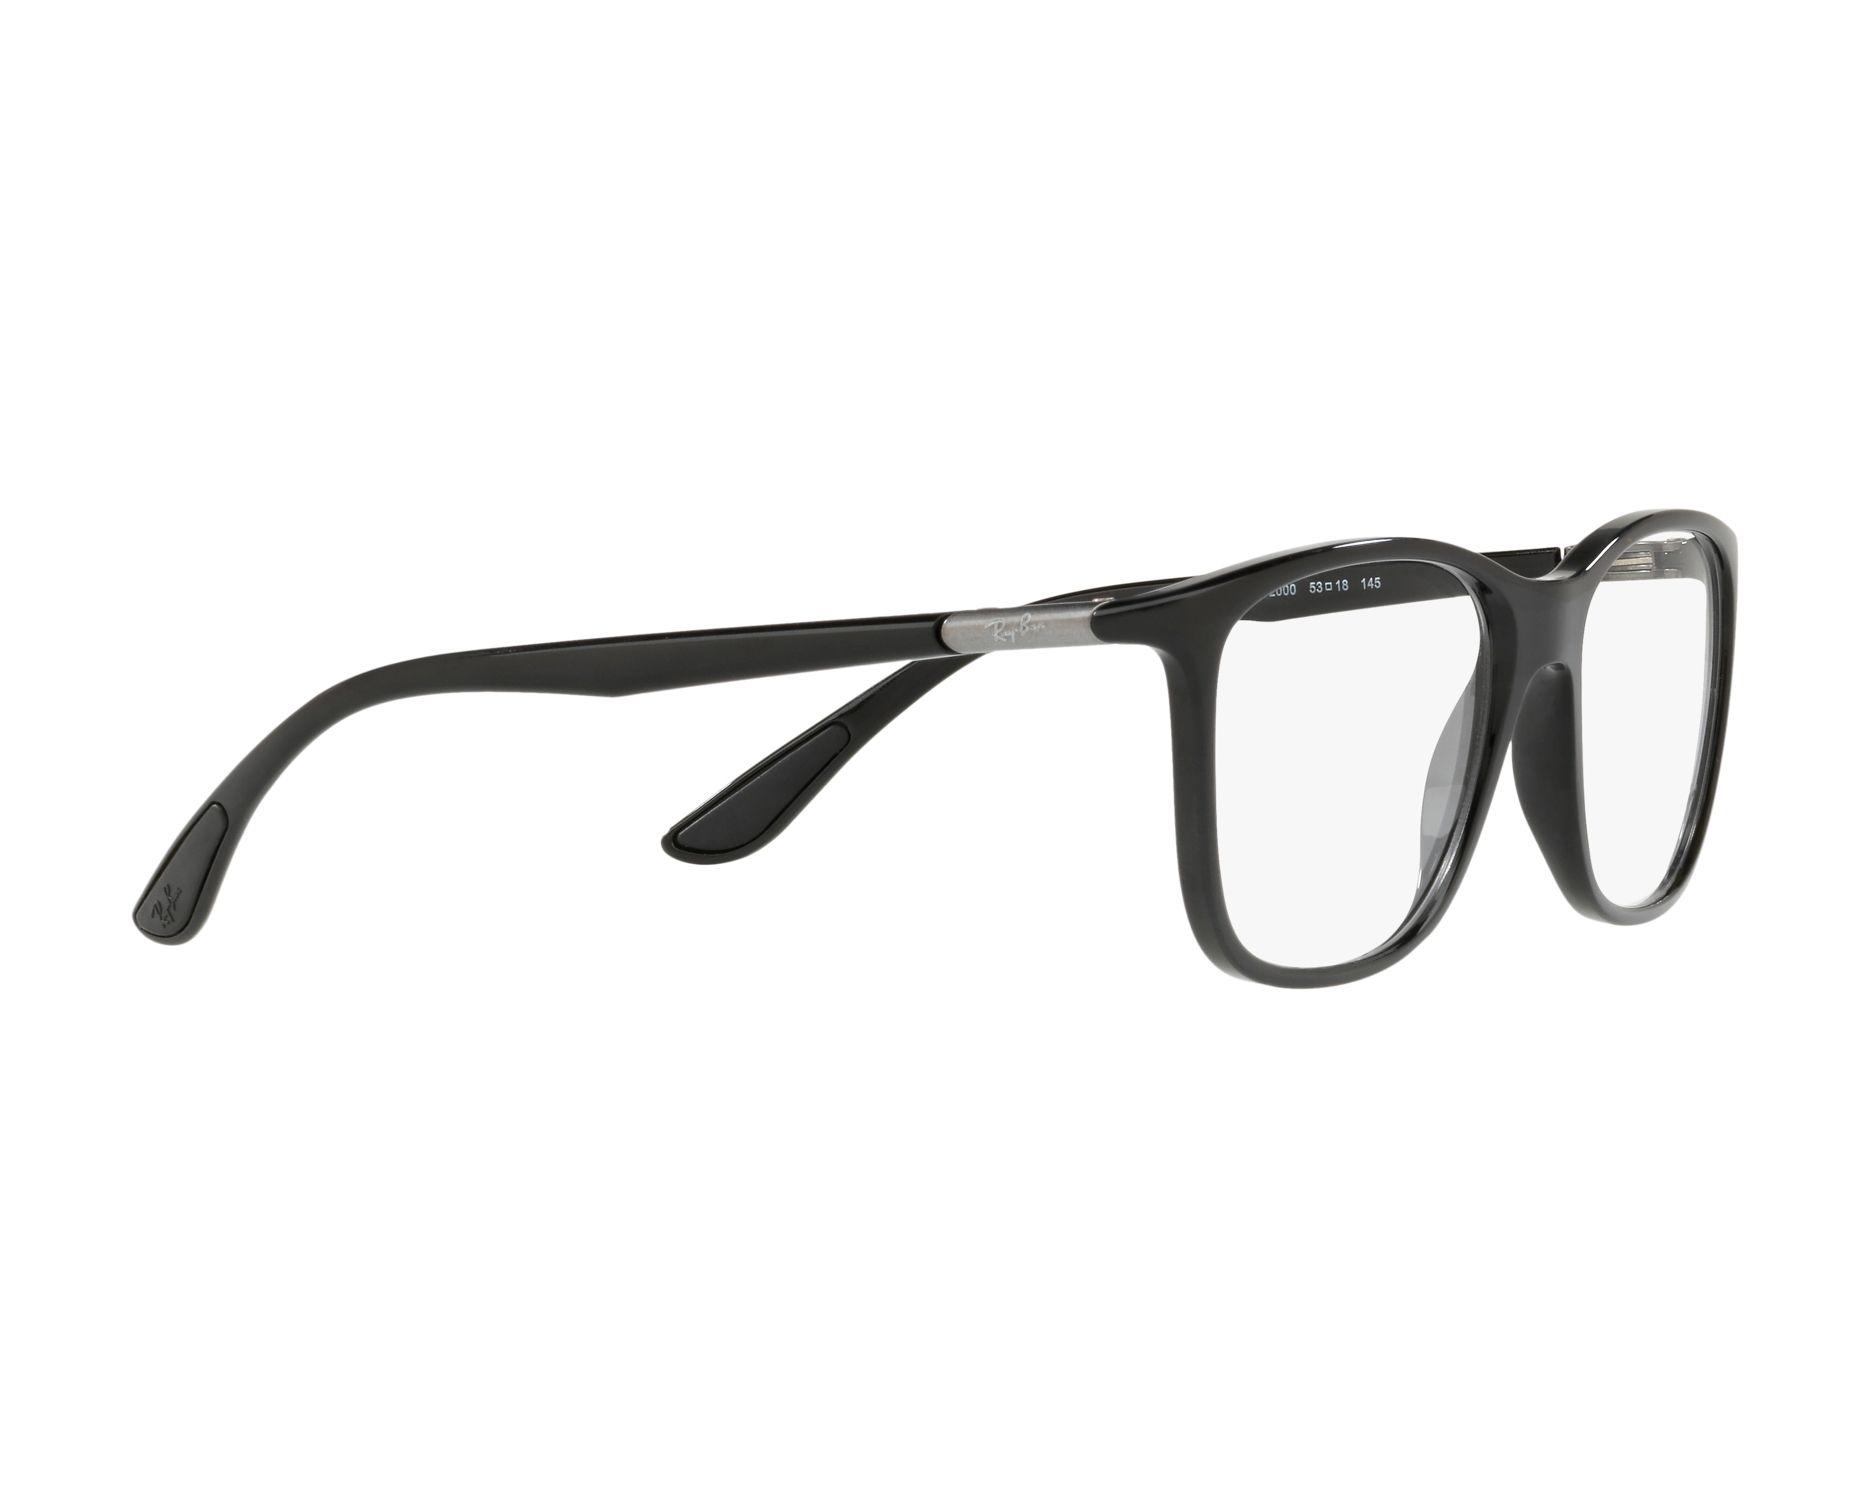 74fe212763 eyeglasses Ray-Ban RX-7143 200 53-18 Black 360 degree view 11